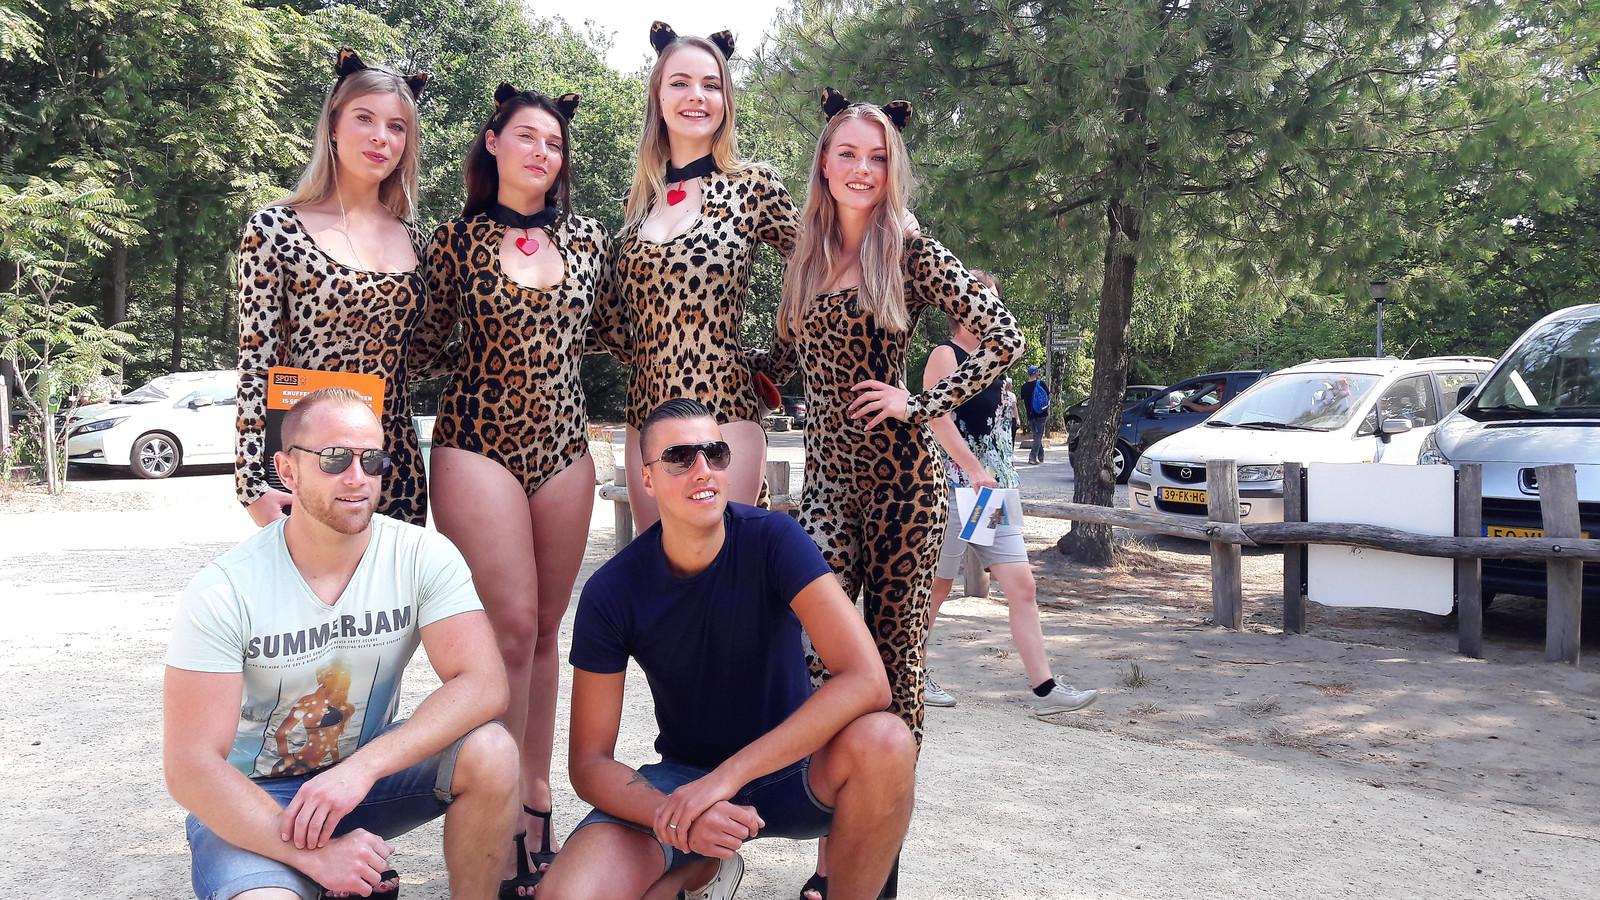 Niet knuffelen, maar wel op de foto met de als jachtluipaarden verklede modellen bij de entree van Safaripark Beekse Bergen. Een aangename verrassing, aldus Frederik Michiels (rechts) en Joris Jadoulle uit België.